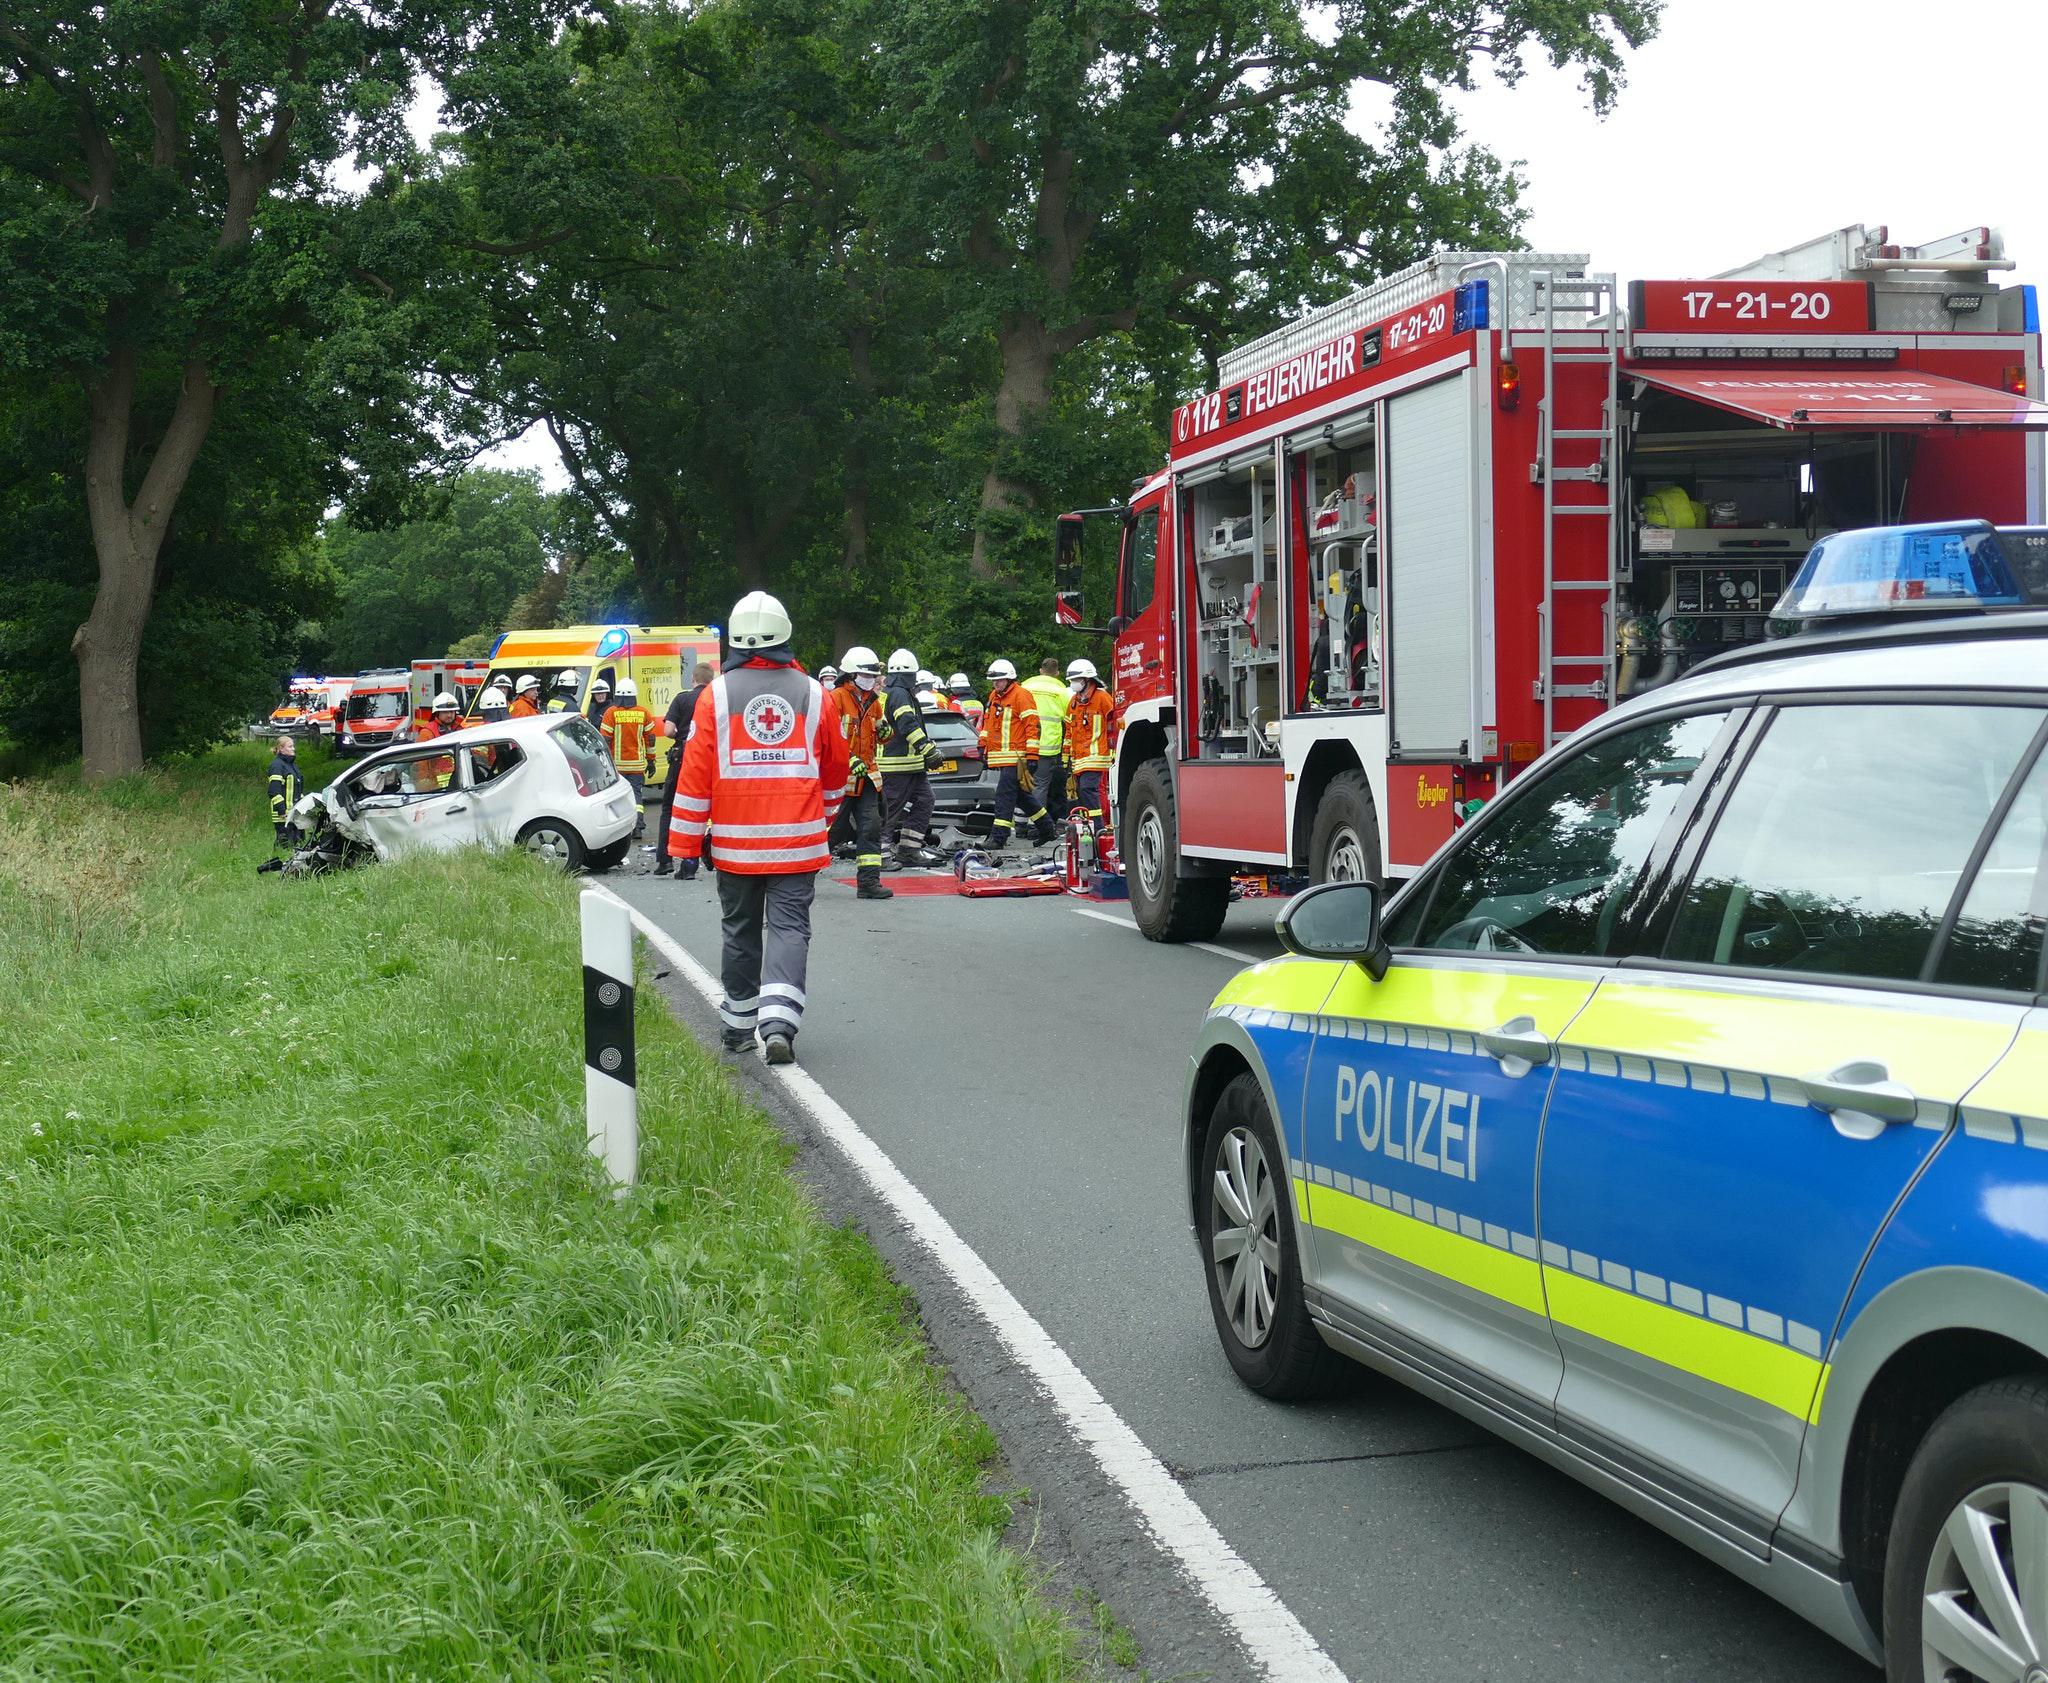 Frontalzusammenstoß: Bei einem Überholversuch stieß ein 31 Jahre alter Mann aus dem Saterland mit einem entgegenkommenden Fahrzeug zusammen. Foto: Stix